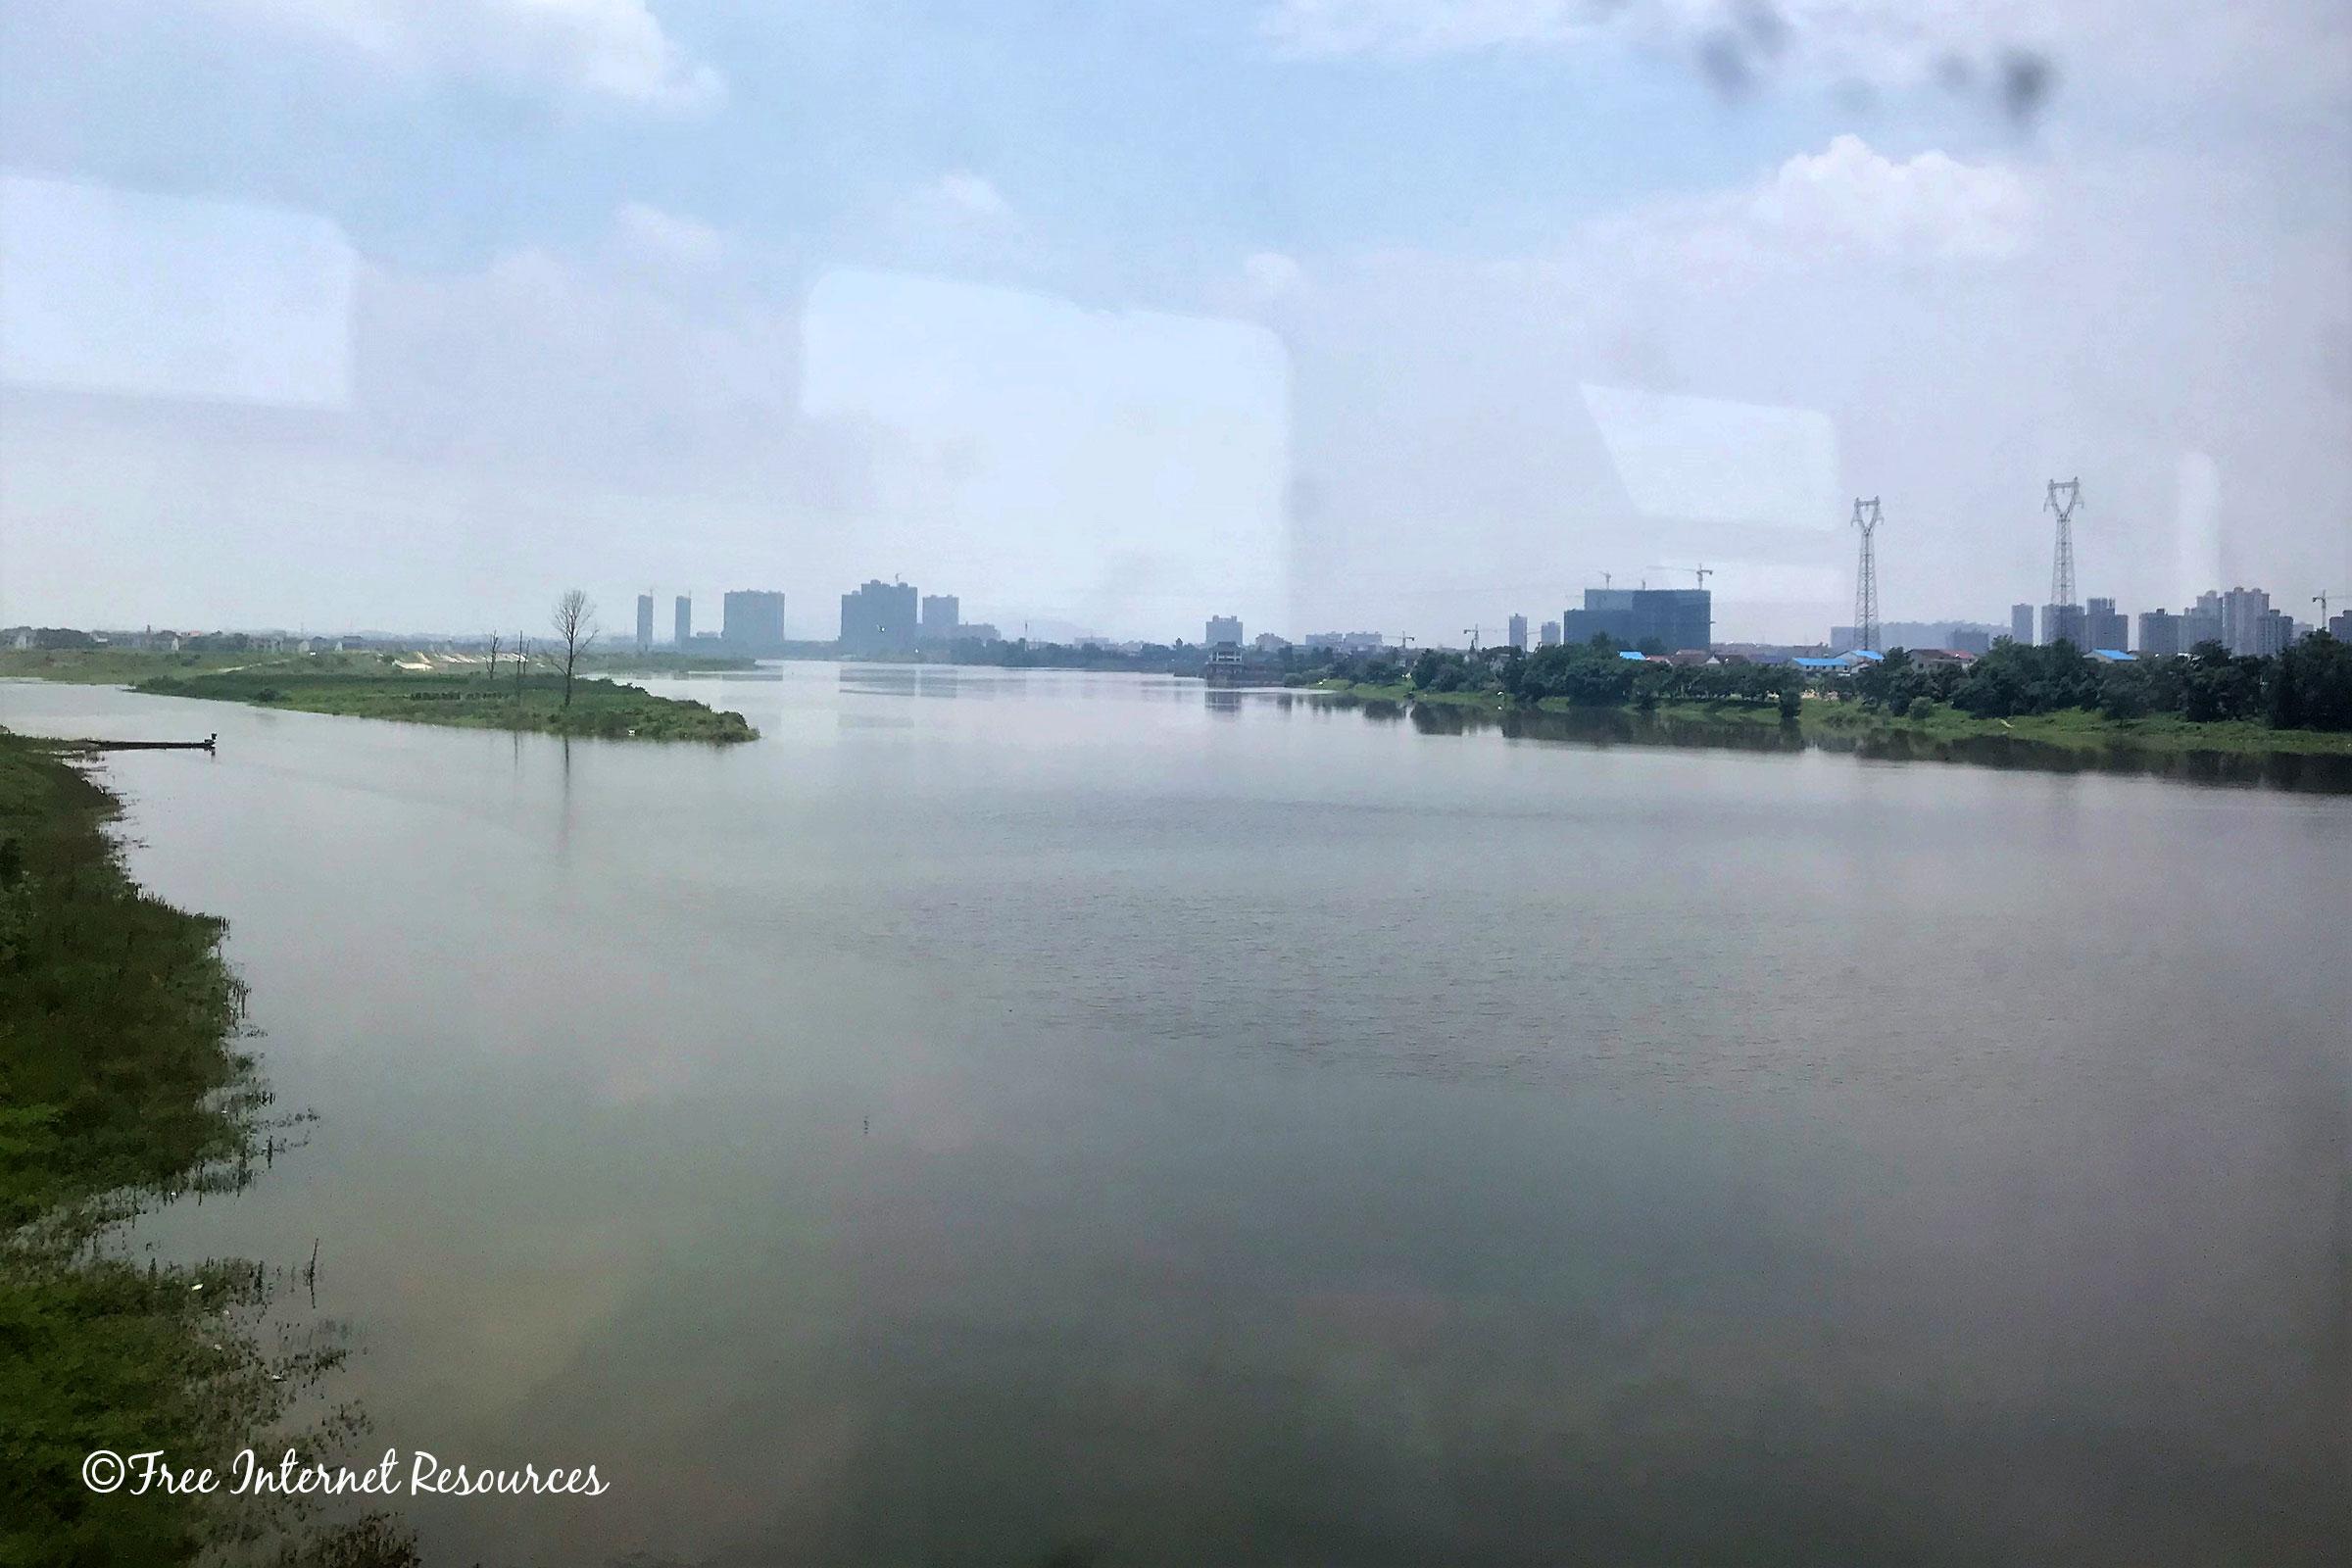 Xiangjiang river in Hunan, China